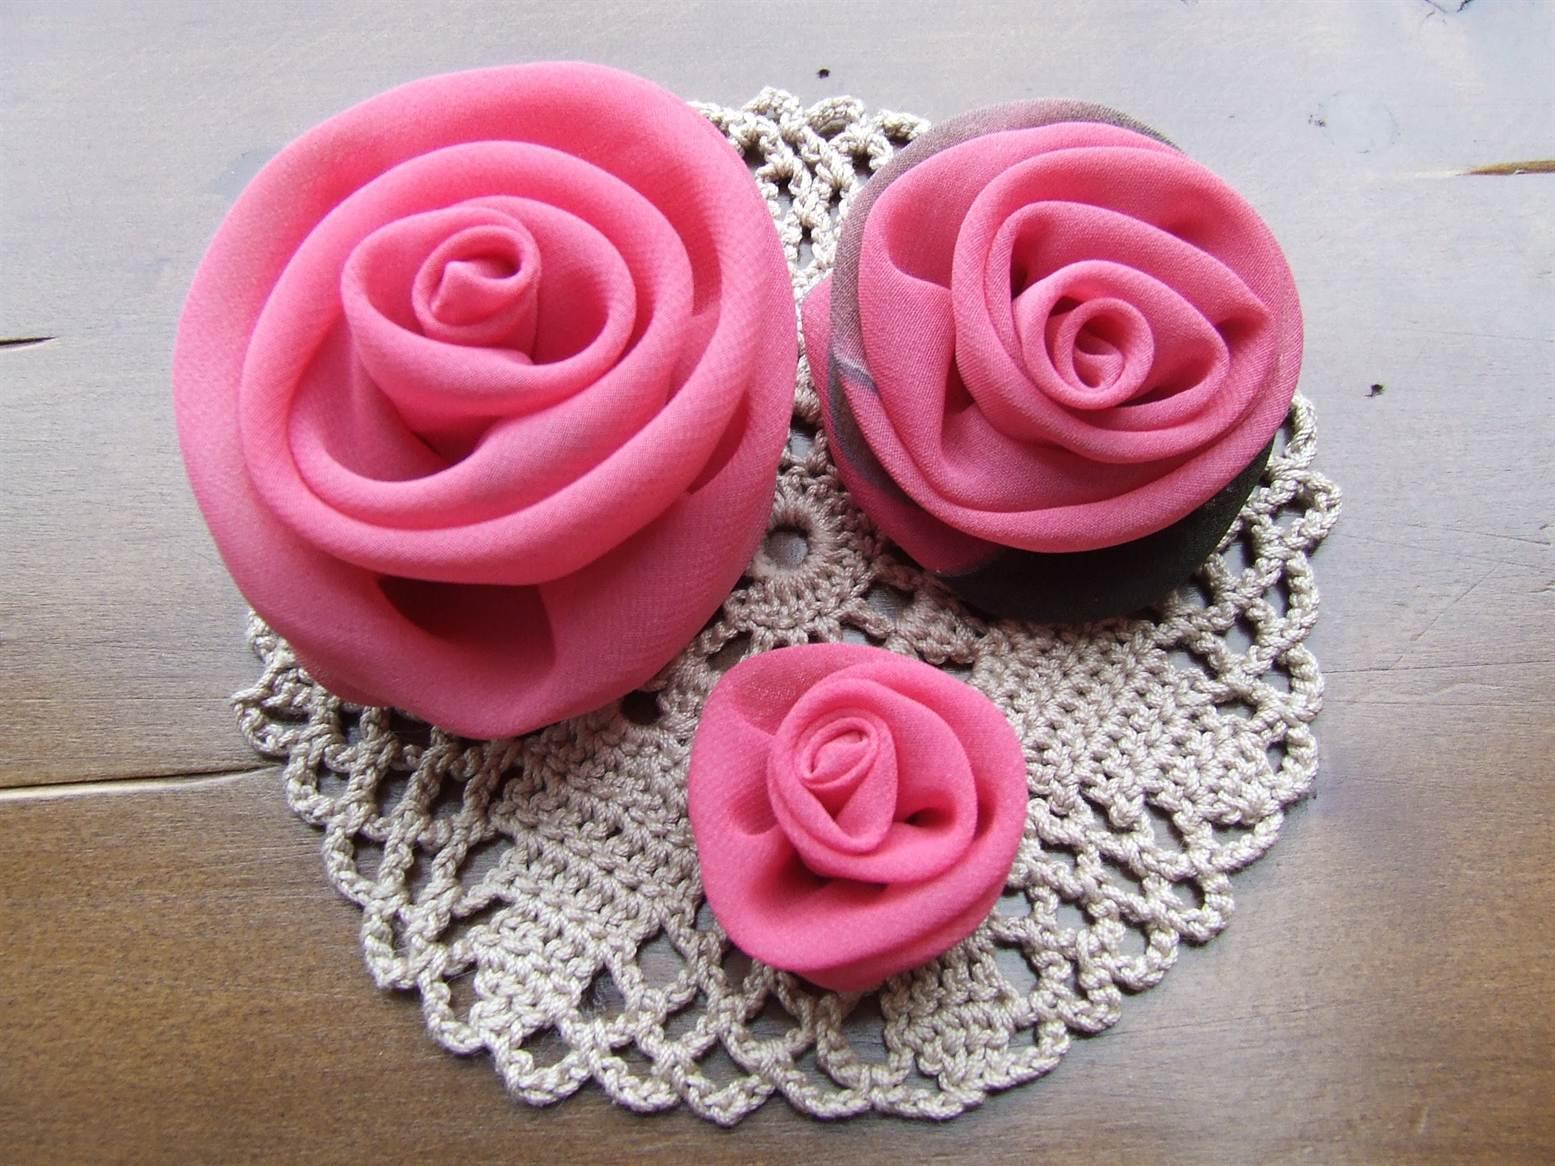 Цветы из ткани своими руками для начинающих: роза из ткани